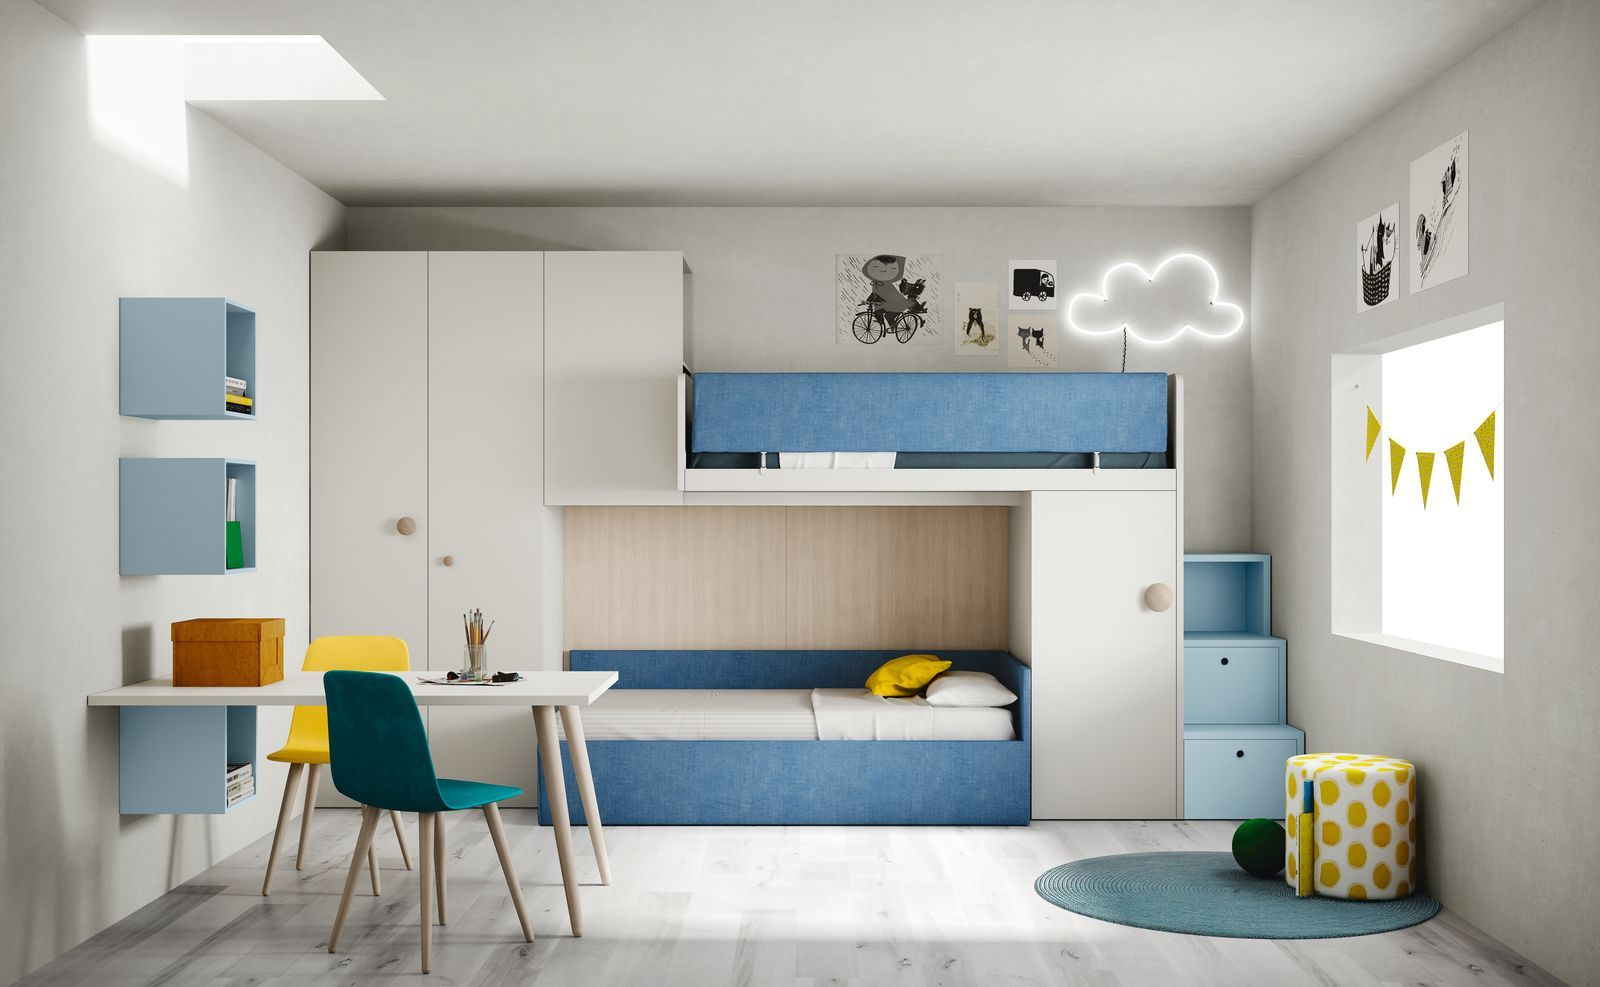 Cameretta moderna design componibile su misura per bambini - Camerette per bambini su misura ...